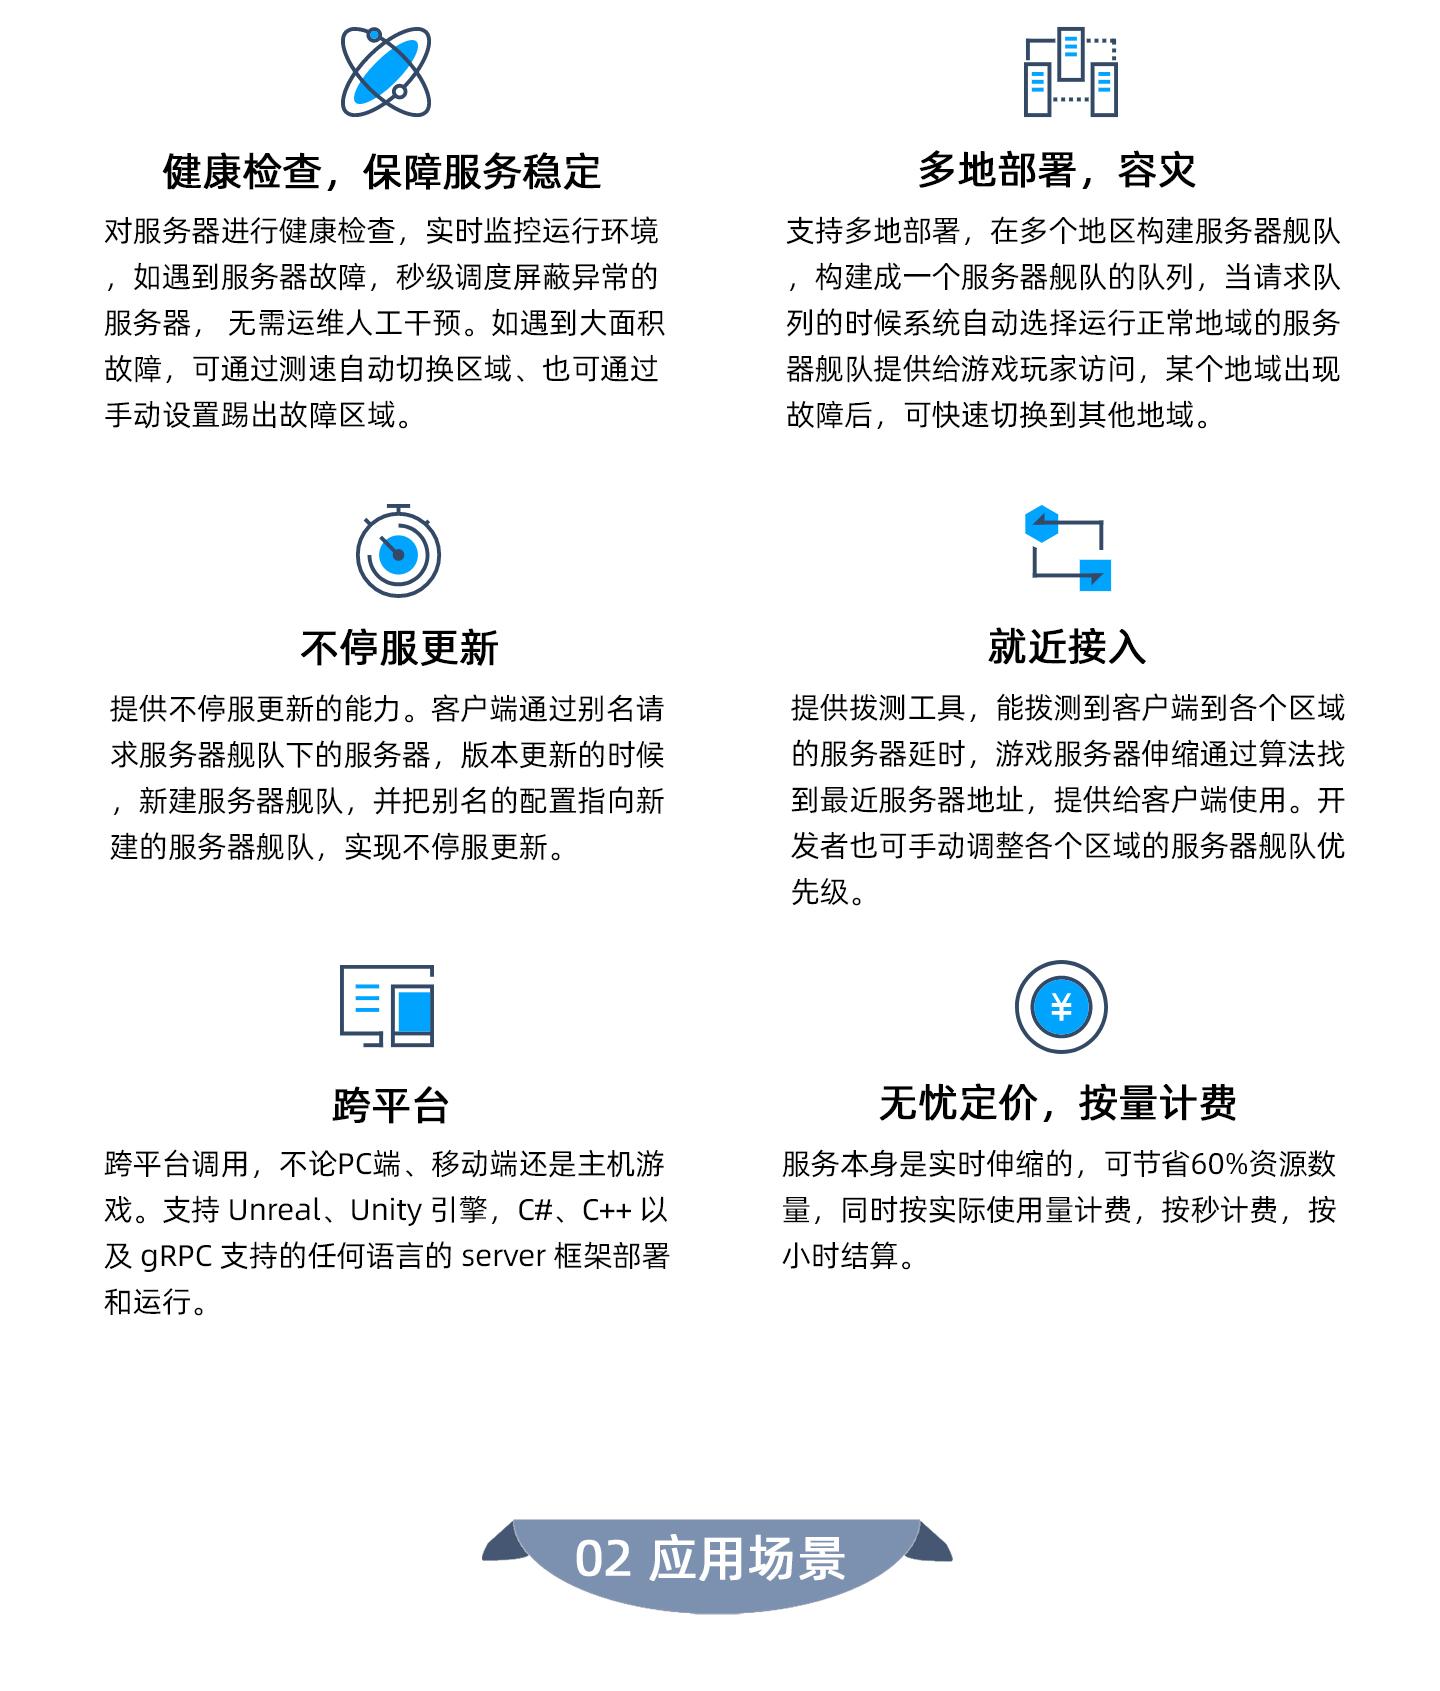 游戏服务器伸缩-GSE-1440_02.jpg